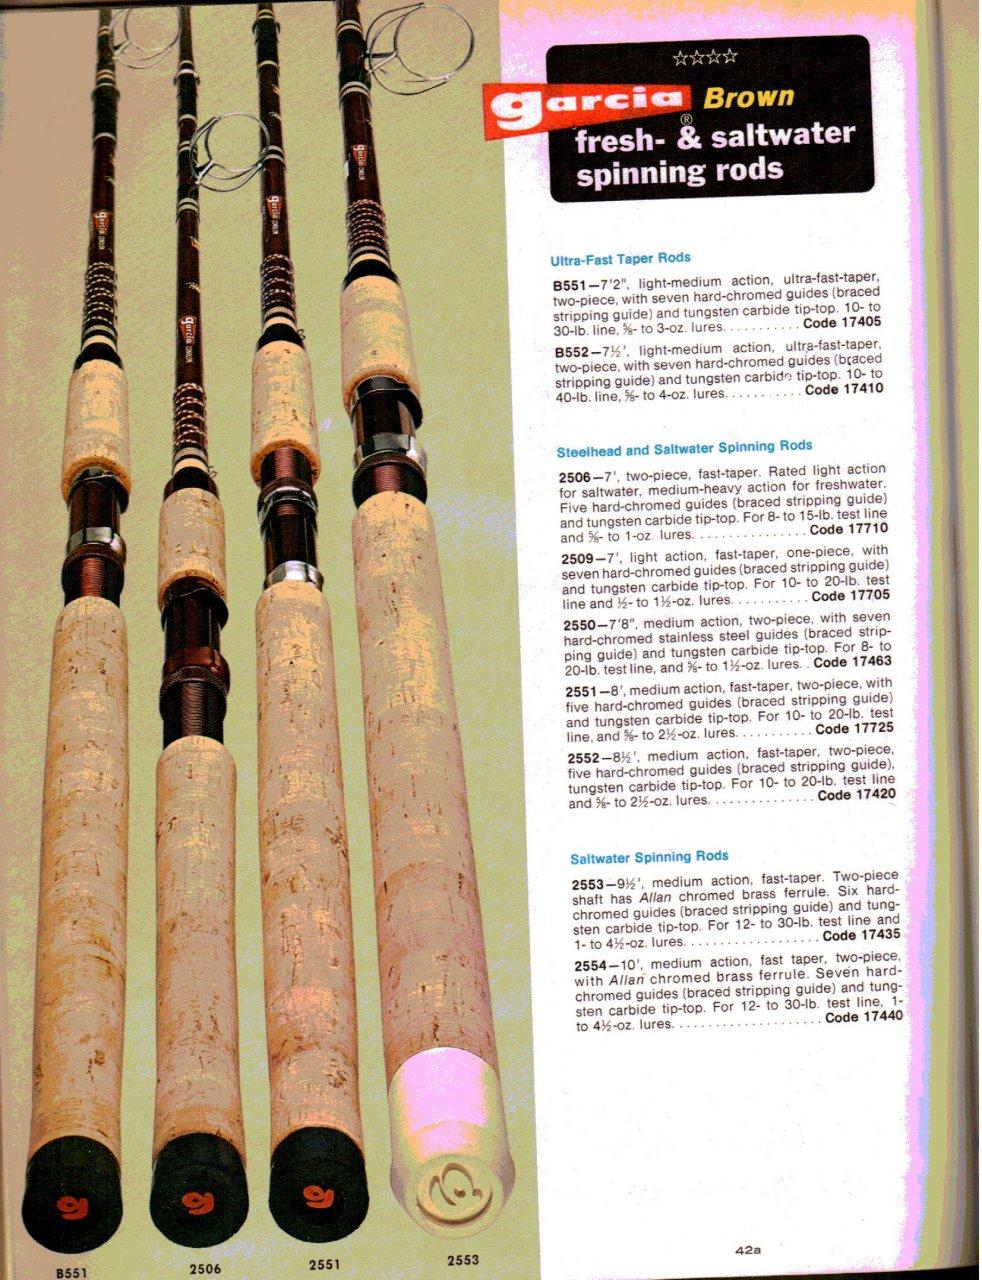 Garcia-75-rods-07-brrgk4ebo1.jpg